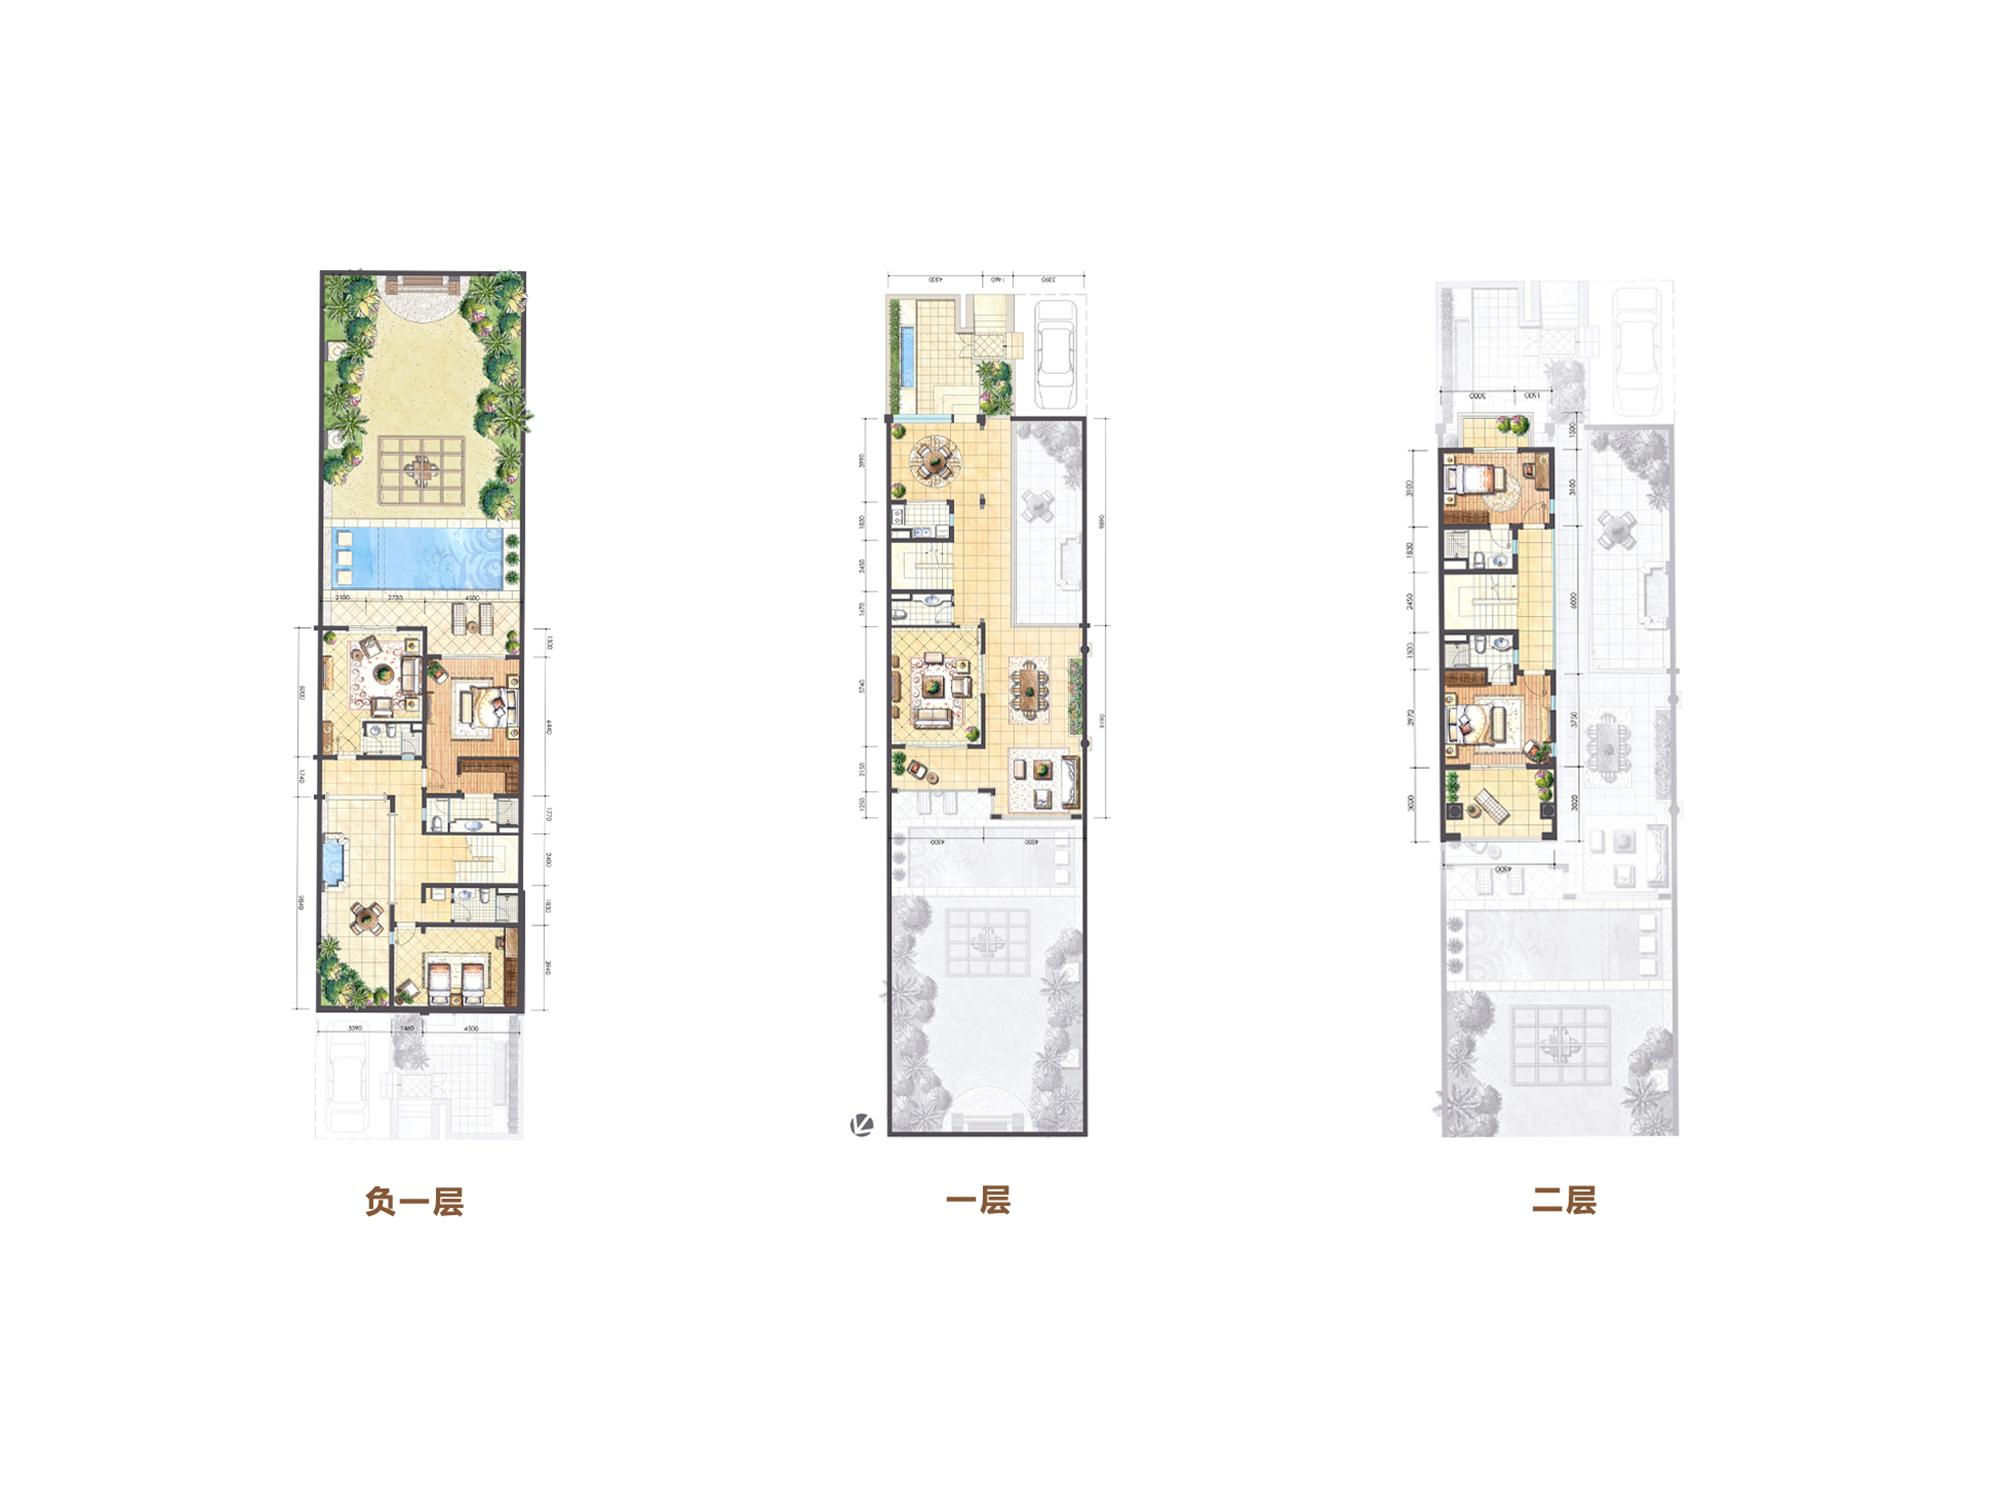 Aloha阿羅哈4房2廳6衛4庭院 (建筑面積:108.00㎡)